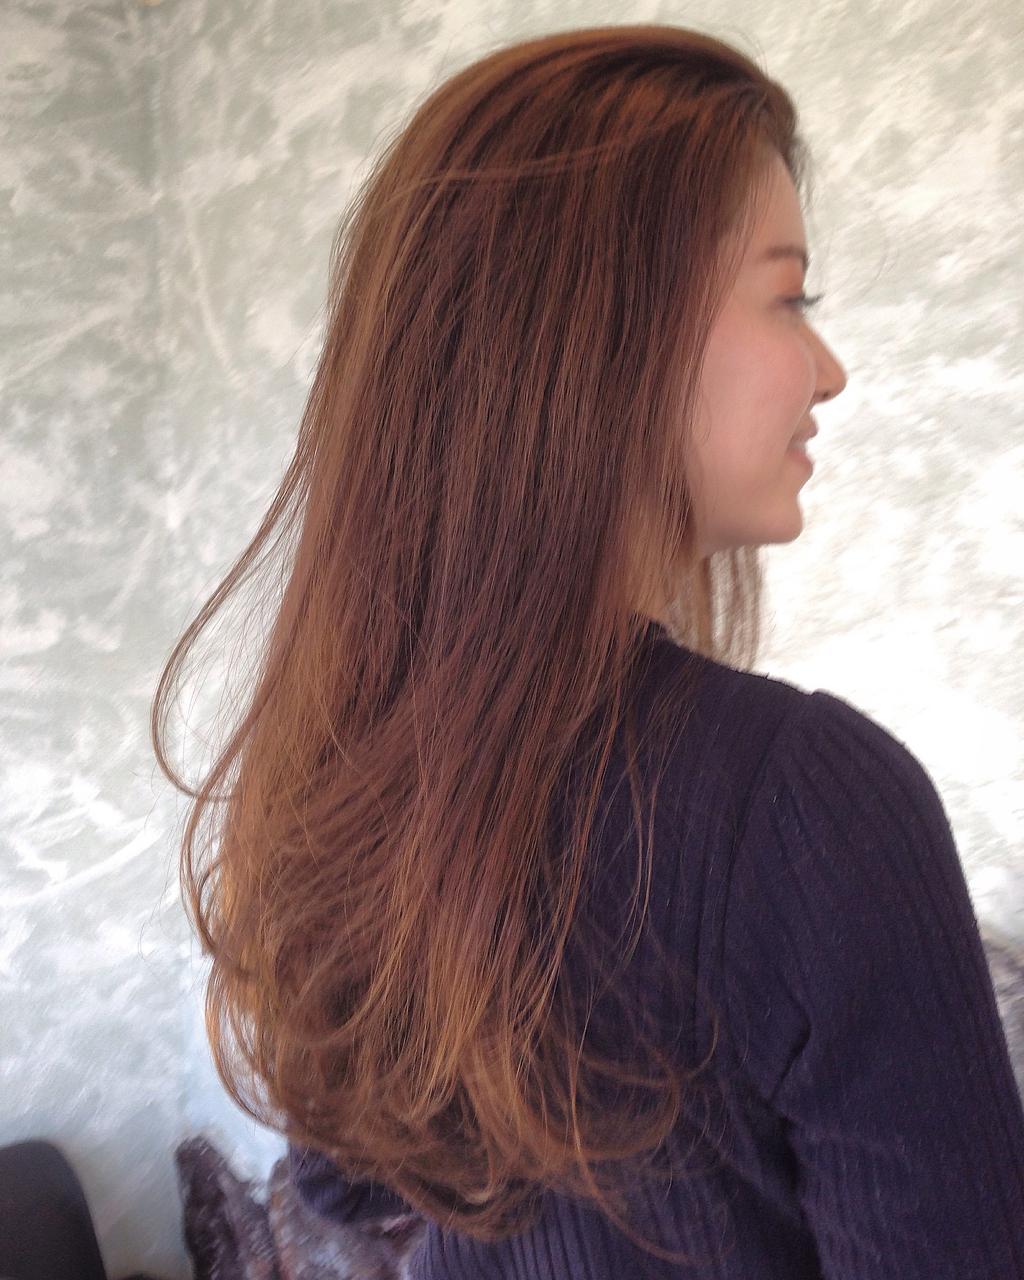 髪が育てば 簡単に束感!